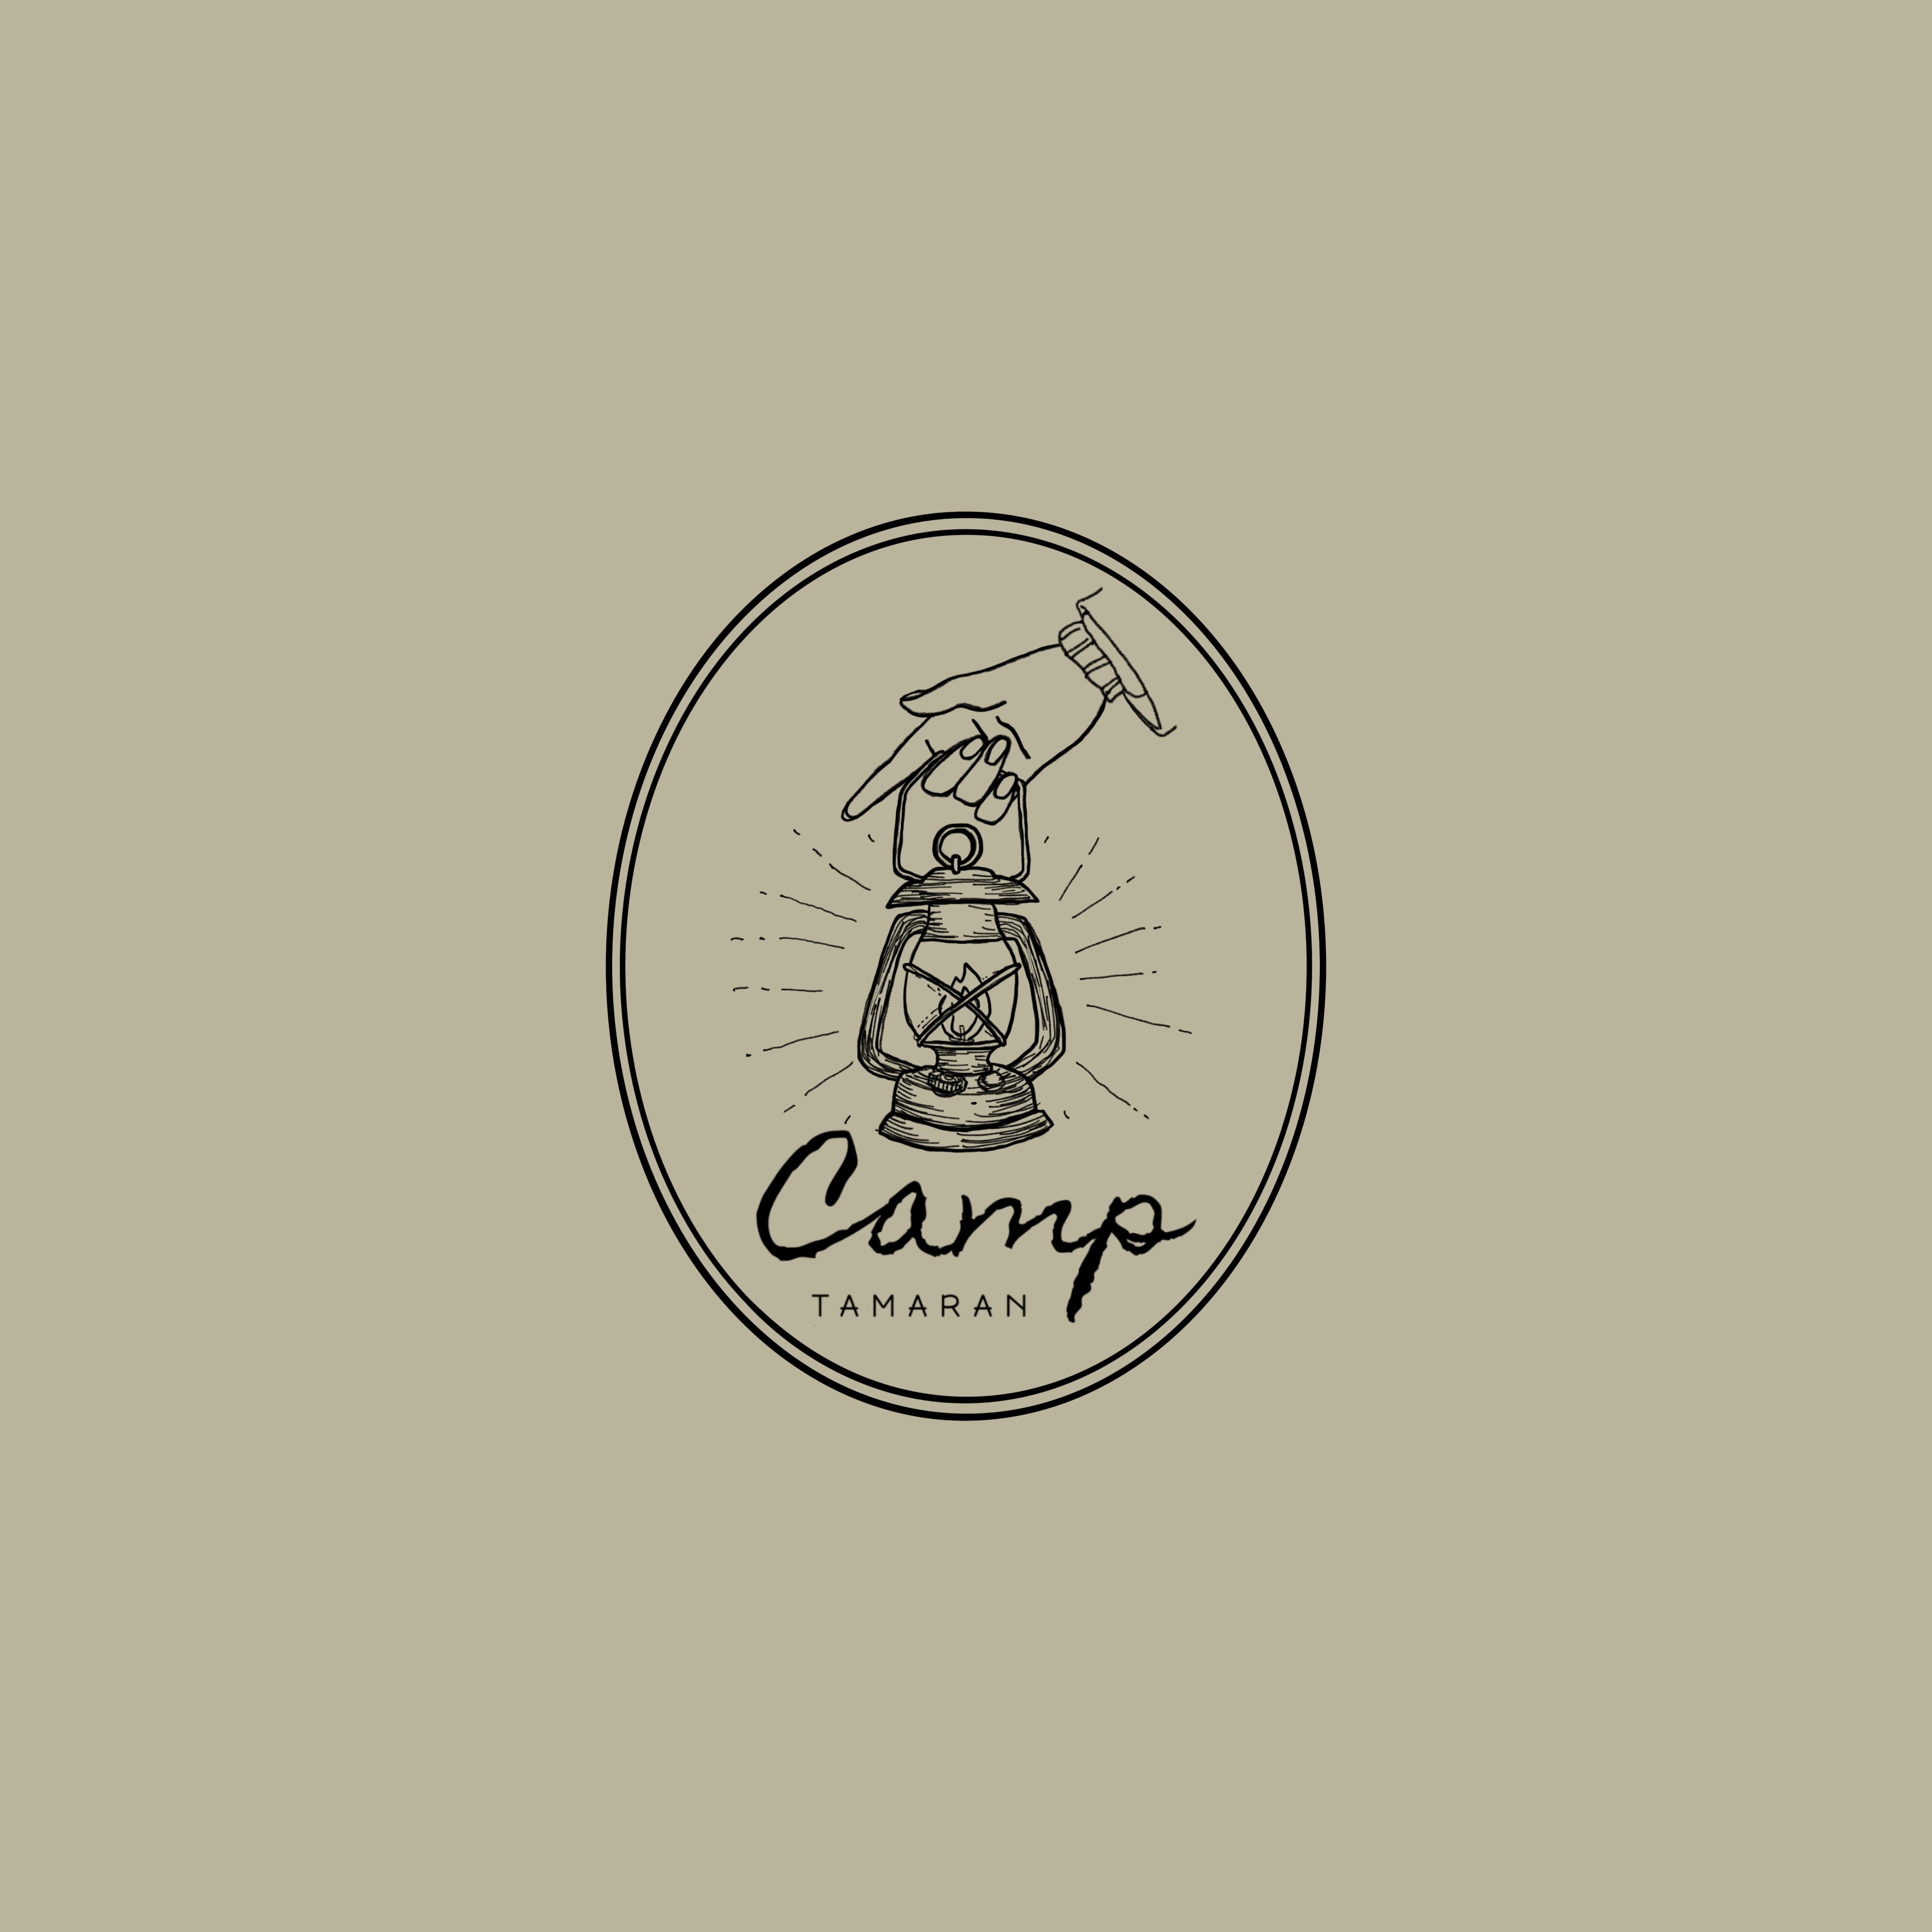 キャンプたまらんブランケット ブランケット - 700 x 1000 (mm) - ポリエステル